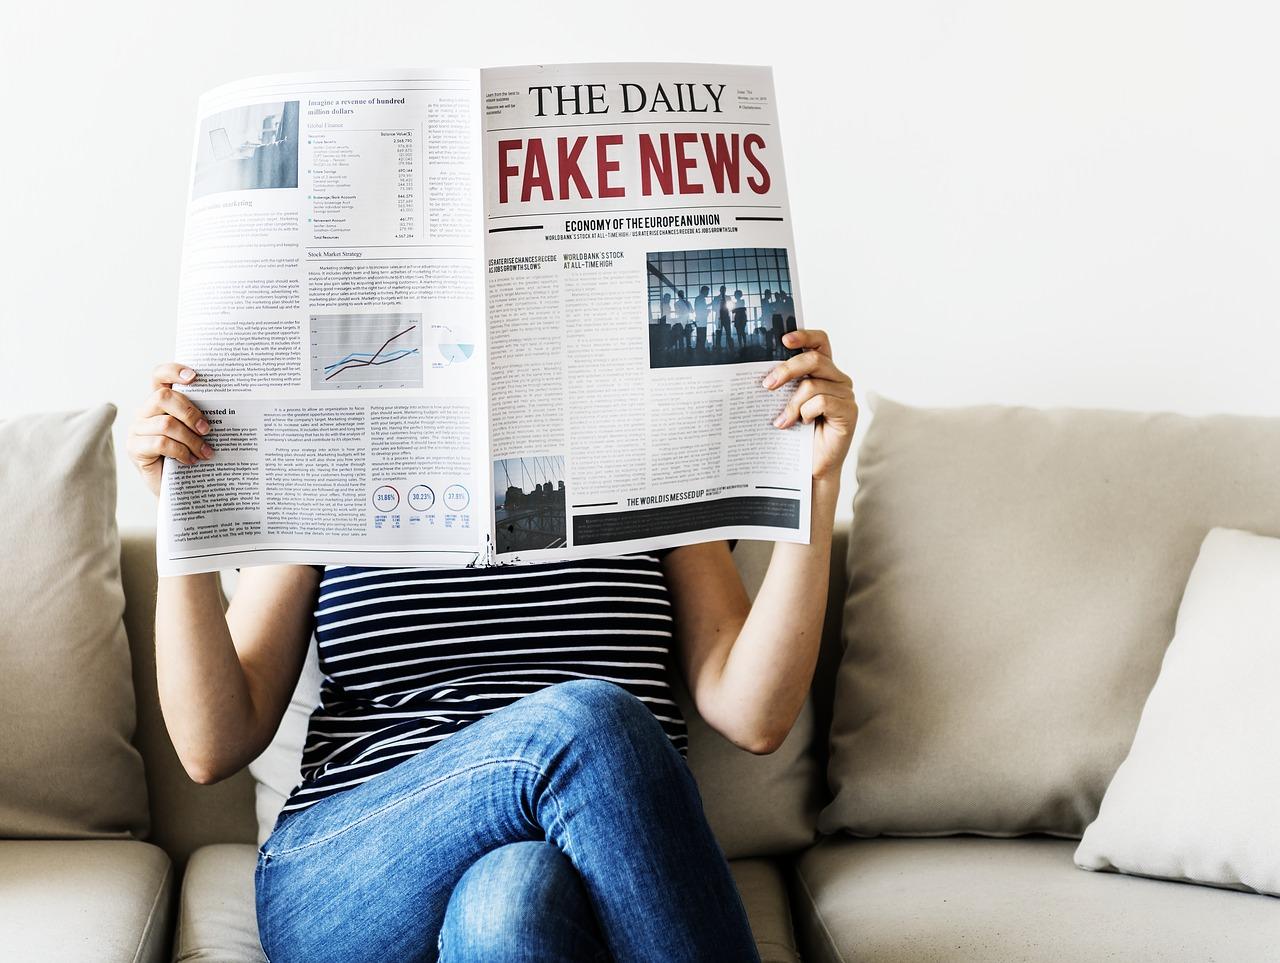 Estudo conclui que pessoas mais velhas compartilham mais fake news